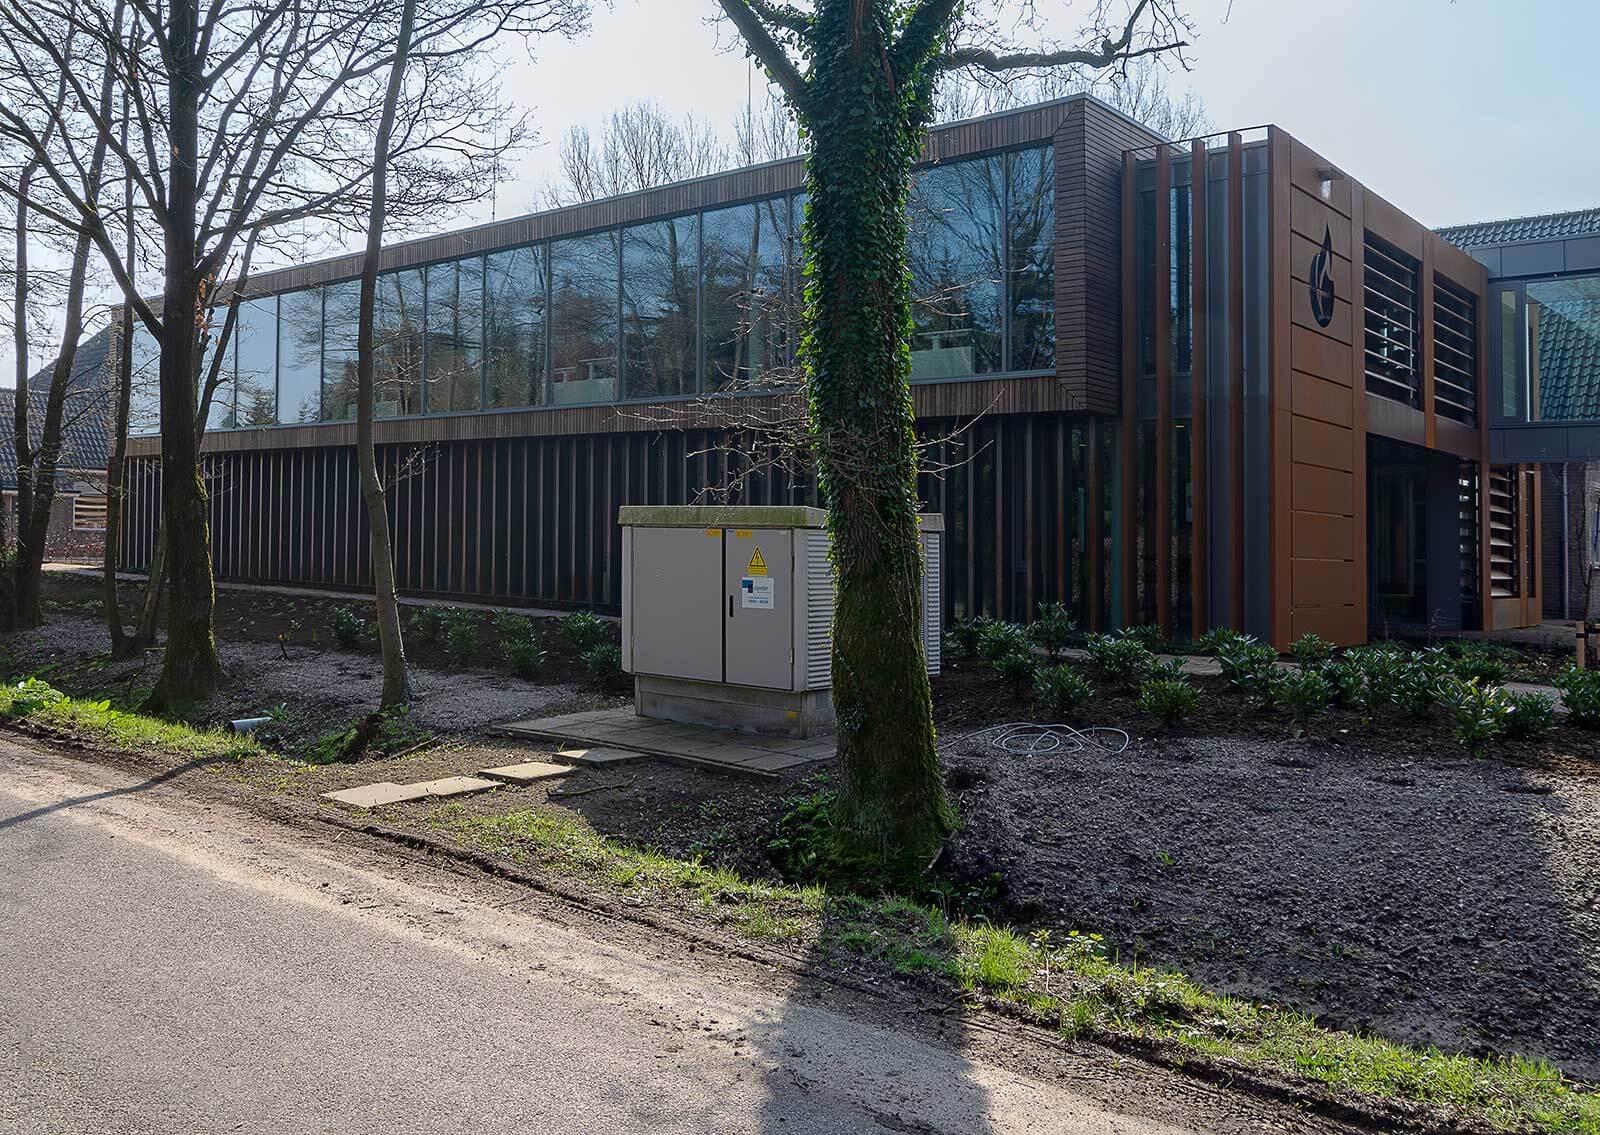 Linthorst Techniek Apeldoorn Constructie Lucassen Bouwconstructies Nieuwbouw